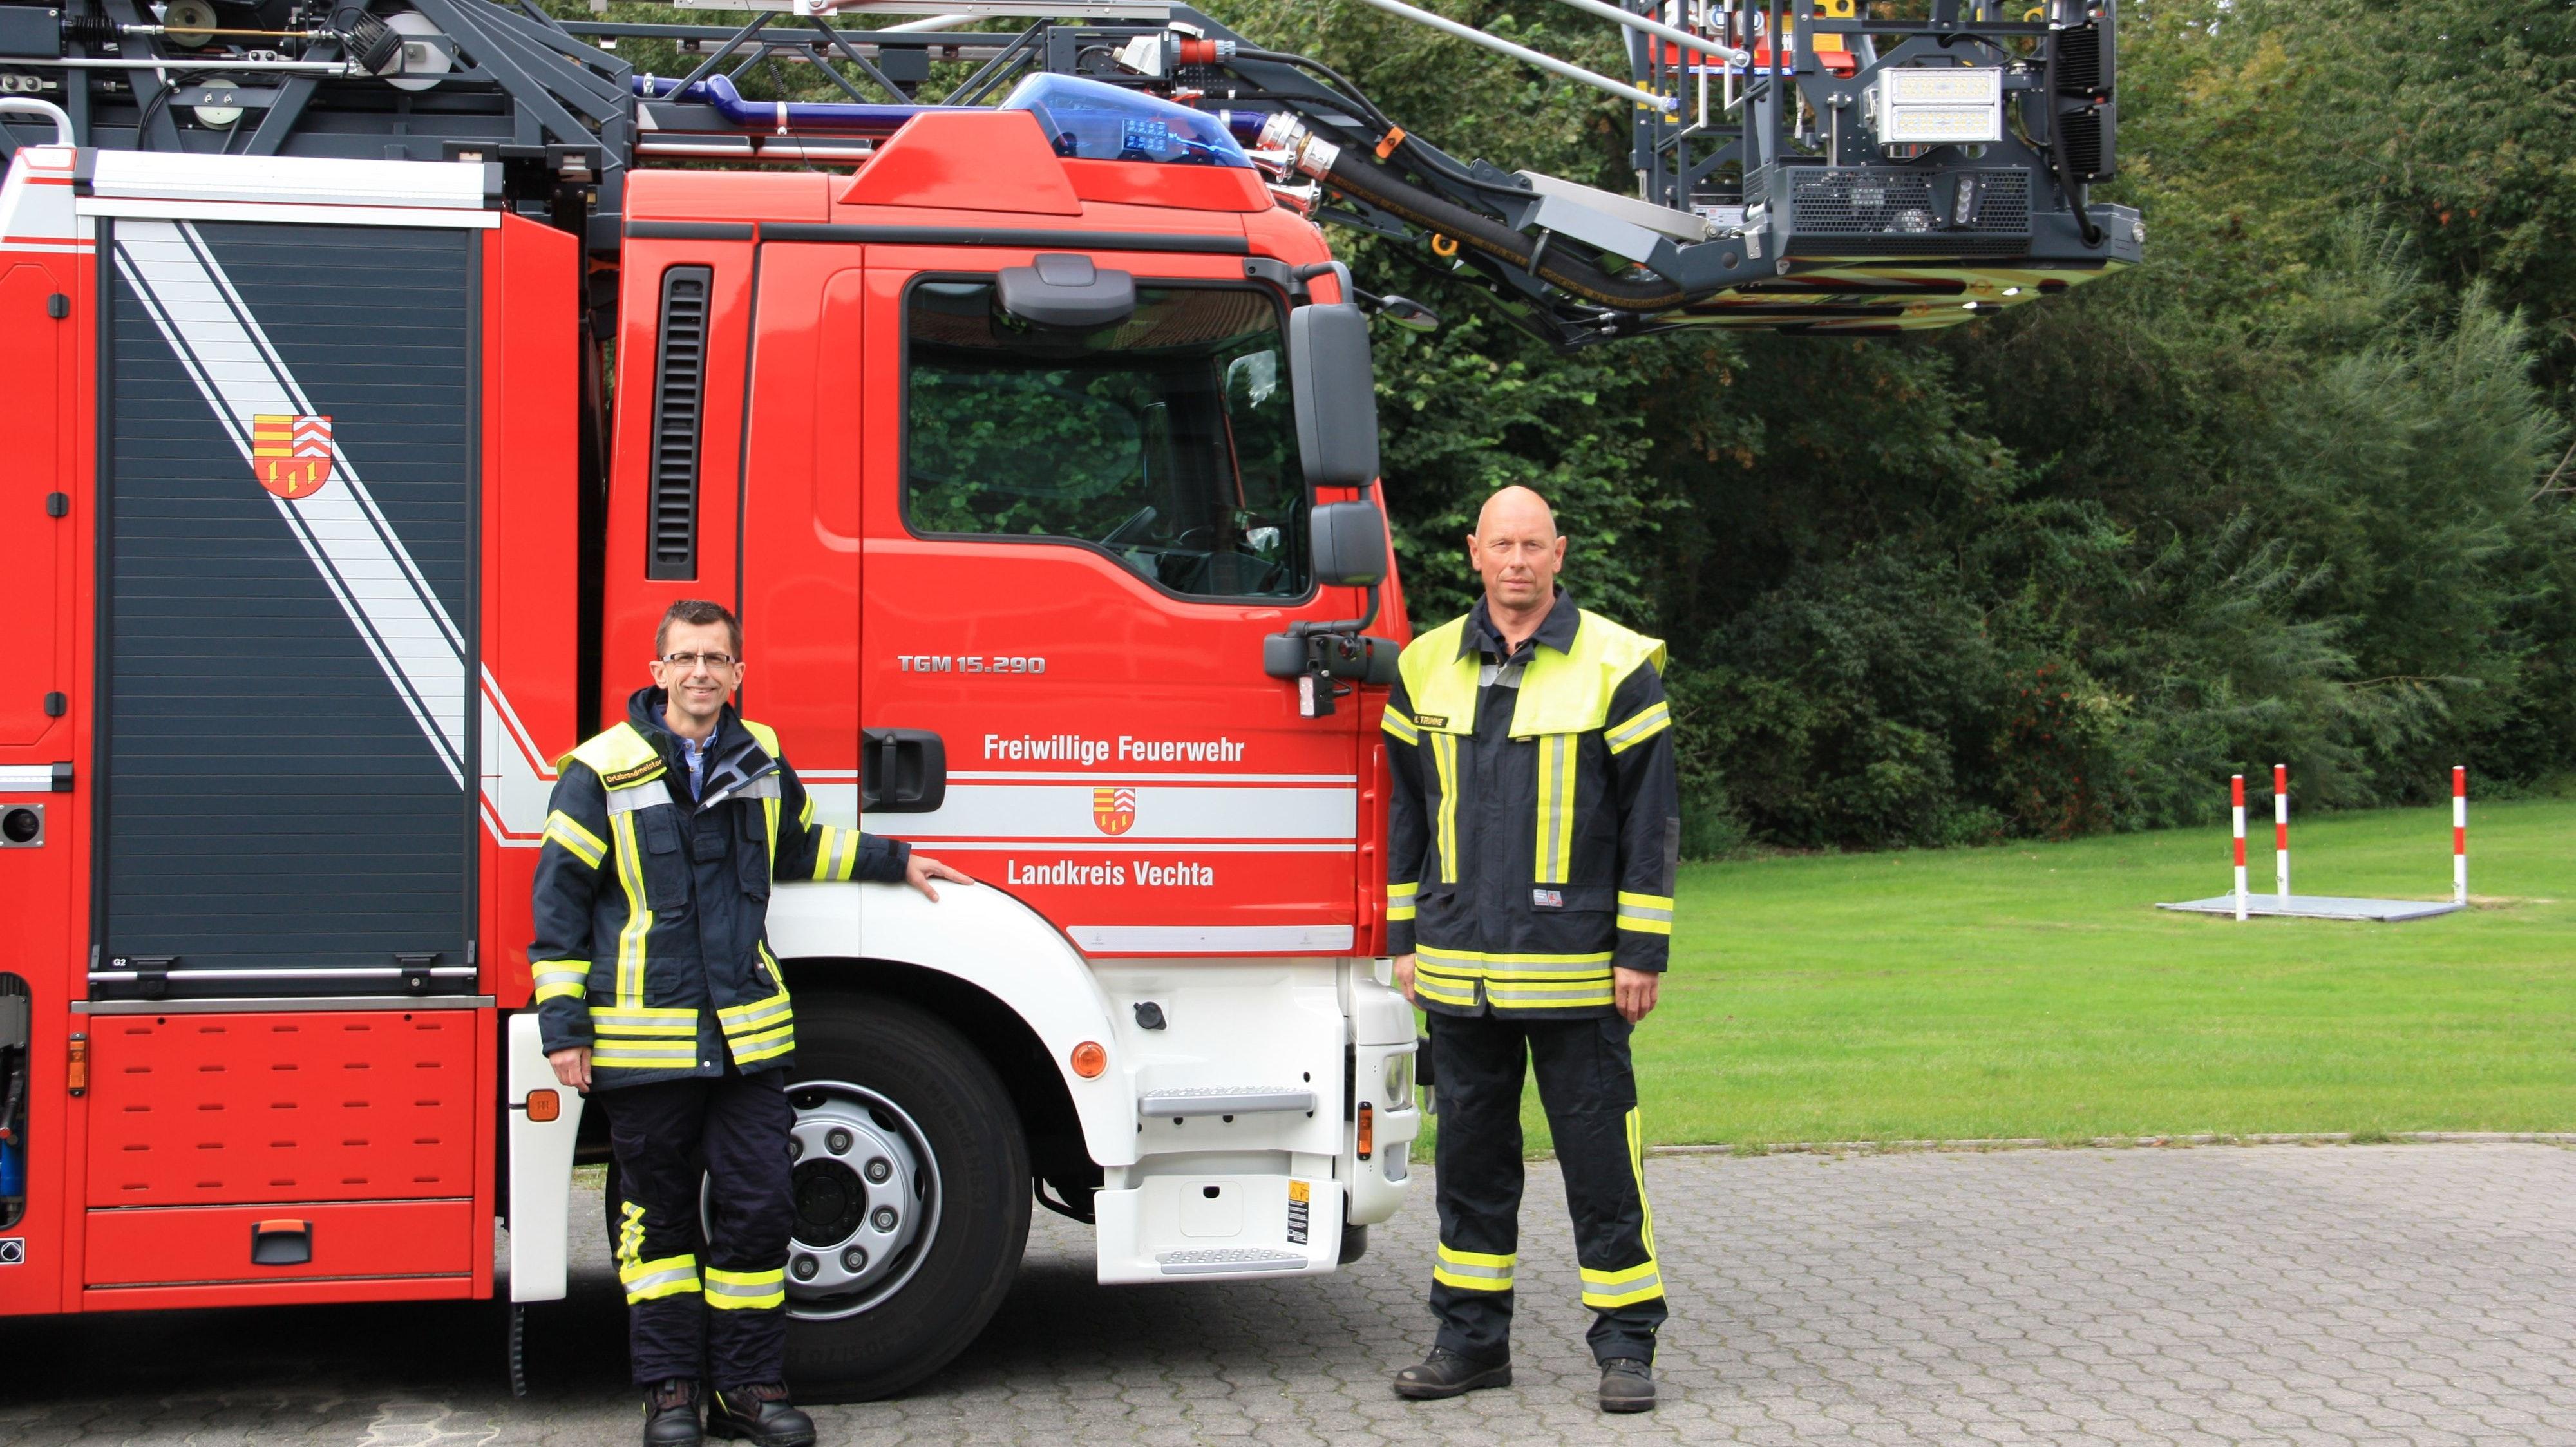 Bereit für den Einsatz:  Ortsbrandmeister Thorsten Heseding (links) und Kreisbrandmeister Matthias Trumme vor dem neuen Einsatzfahrzeug. Foto: Pundt